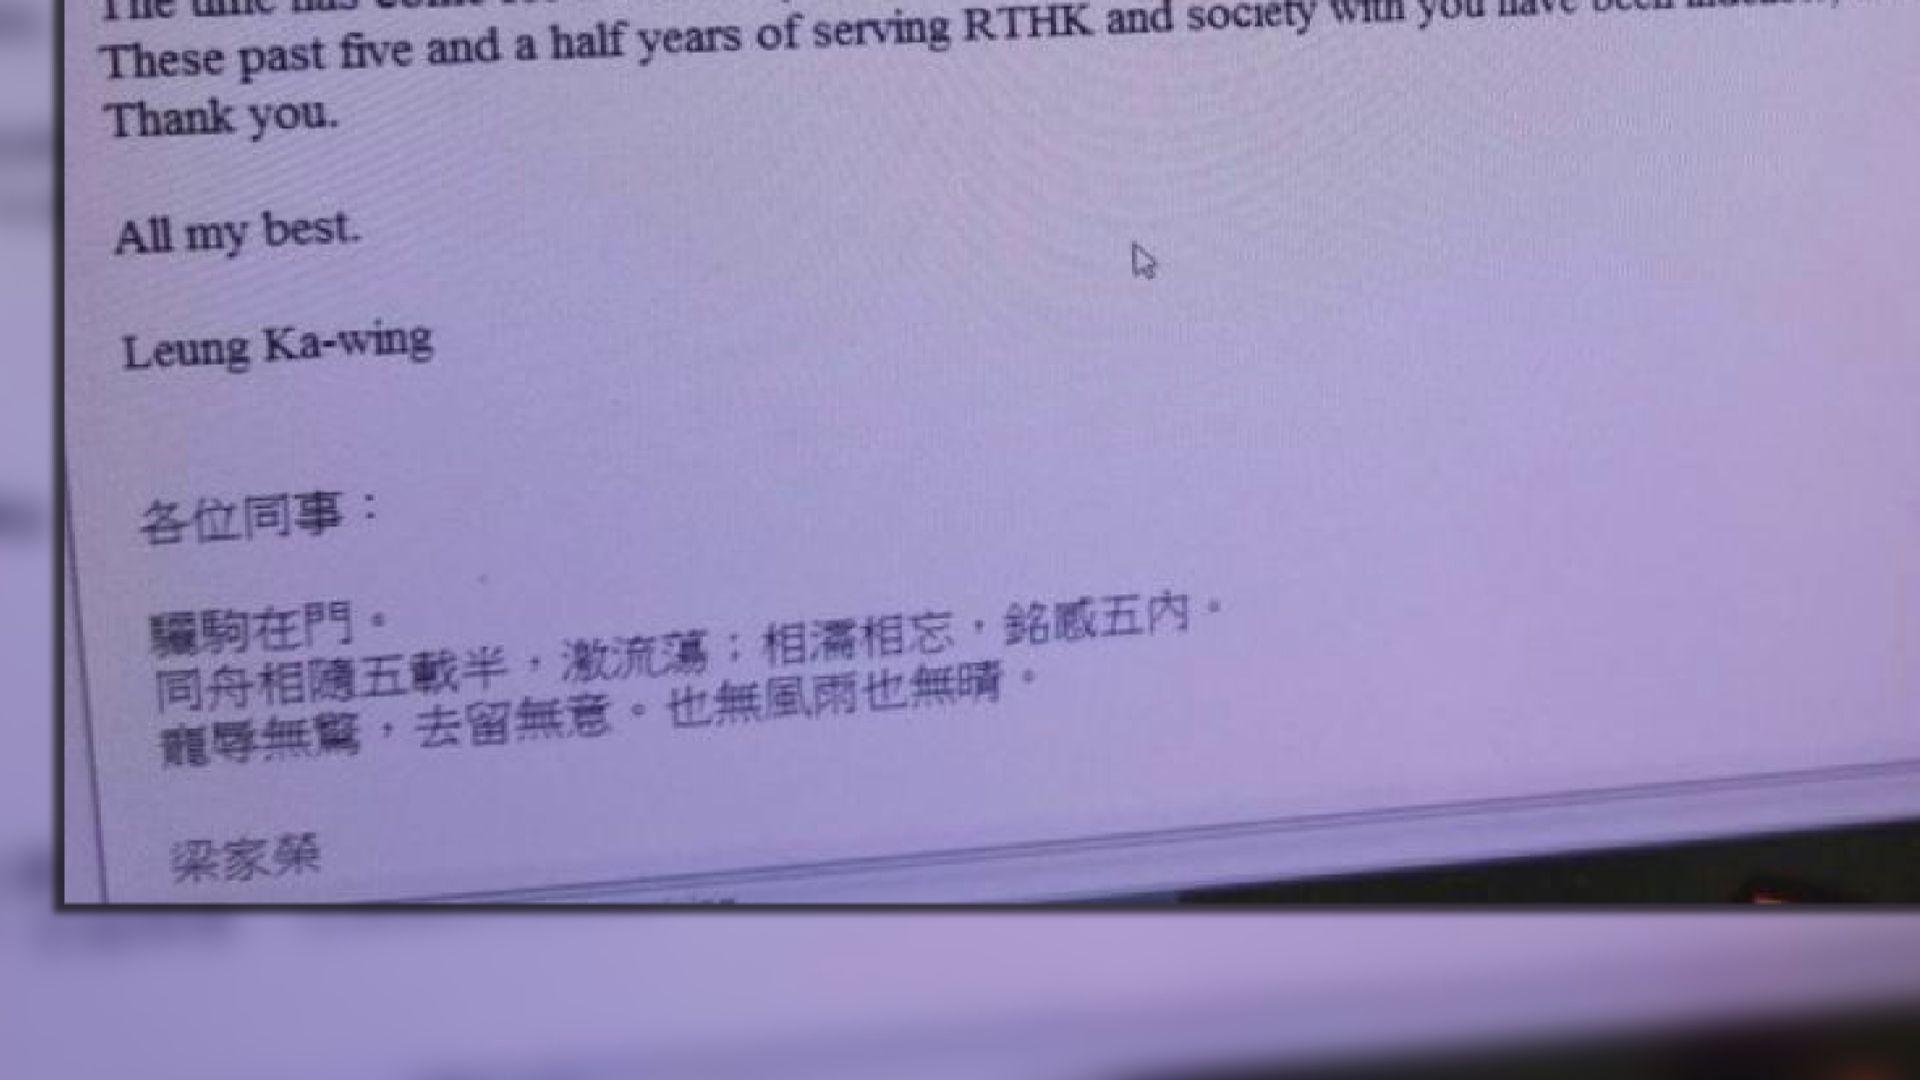 梁家榮提前解約 向港台同事發電郵指「也無風雨也無晴」